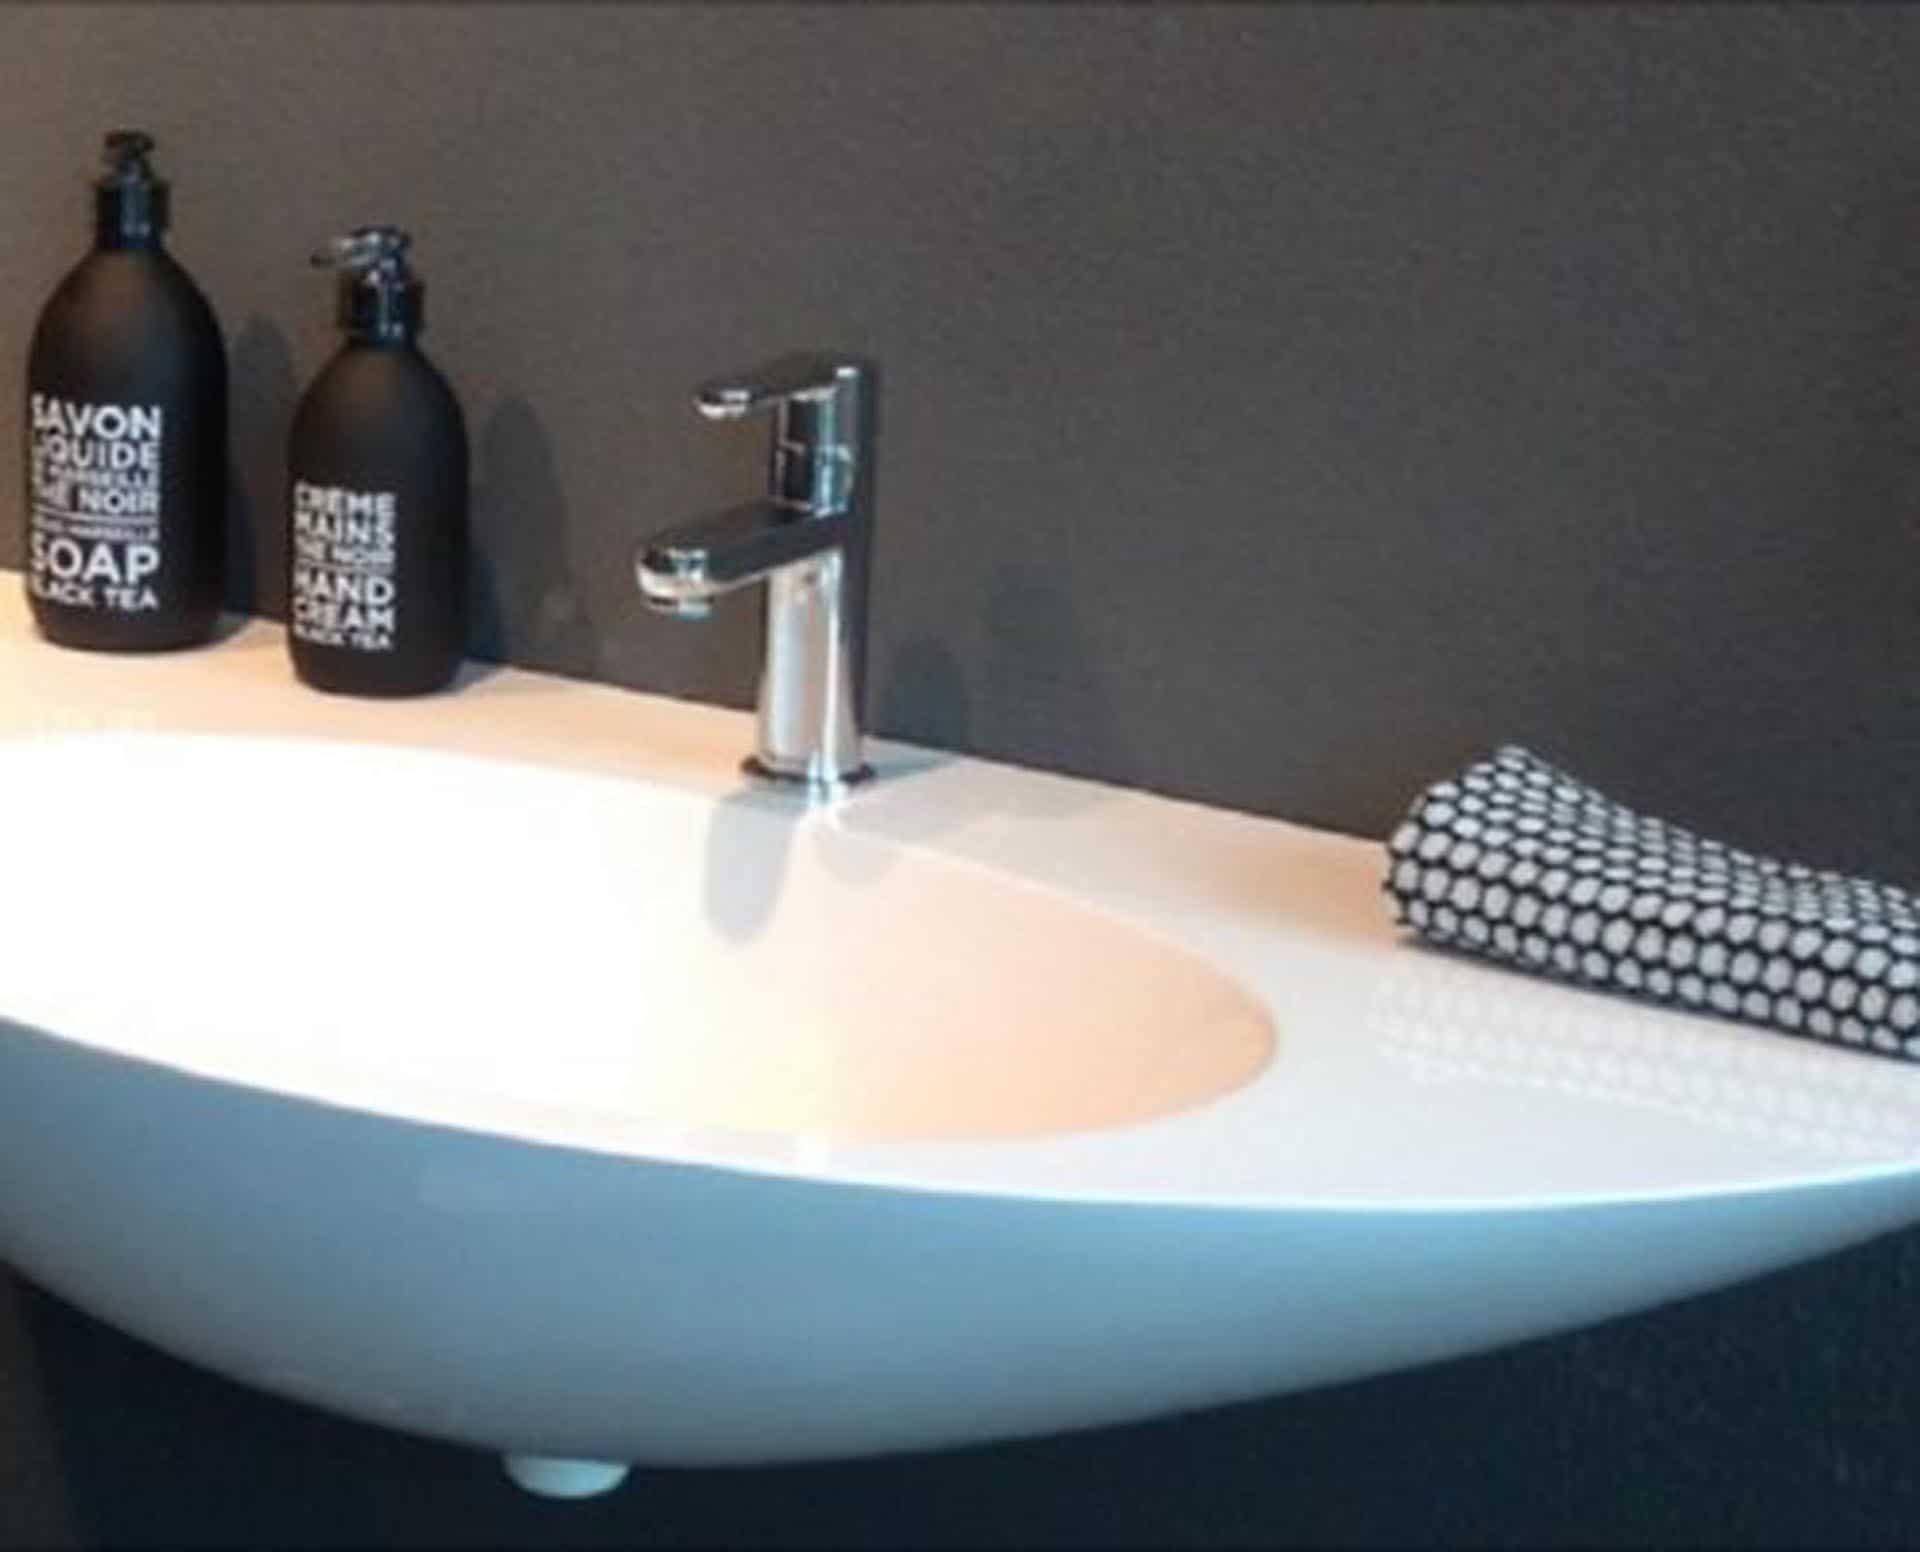 Flot designhåndvask i Kunstmarmor (Top-Solid). Vasken er lavet i hvid højglans komposit, som gør den meget nem at holde ren. Vasken har målene: 90 x 45 x 20,6 cm. Vasken tåler alle former for rengøringsmidler. Vasken kan på grund af sit design ikke stå på et skab men skal hænge på væggen. Vasken er hensynsmæssigt designet med fine rundinger, som både giver vasken et eksklusivt udtryk og gør den rengøringsvenlig. Vasken vedligeholdes med voks - vi anbefaler en behandling med vores egen naturvoks ID12002 et par gange om året for at opnå optimalt look.